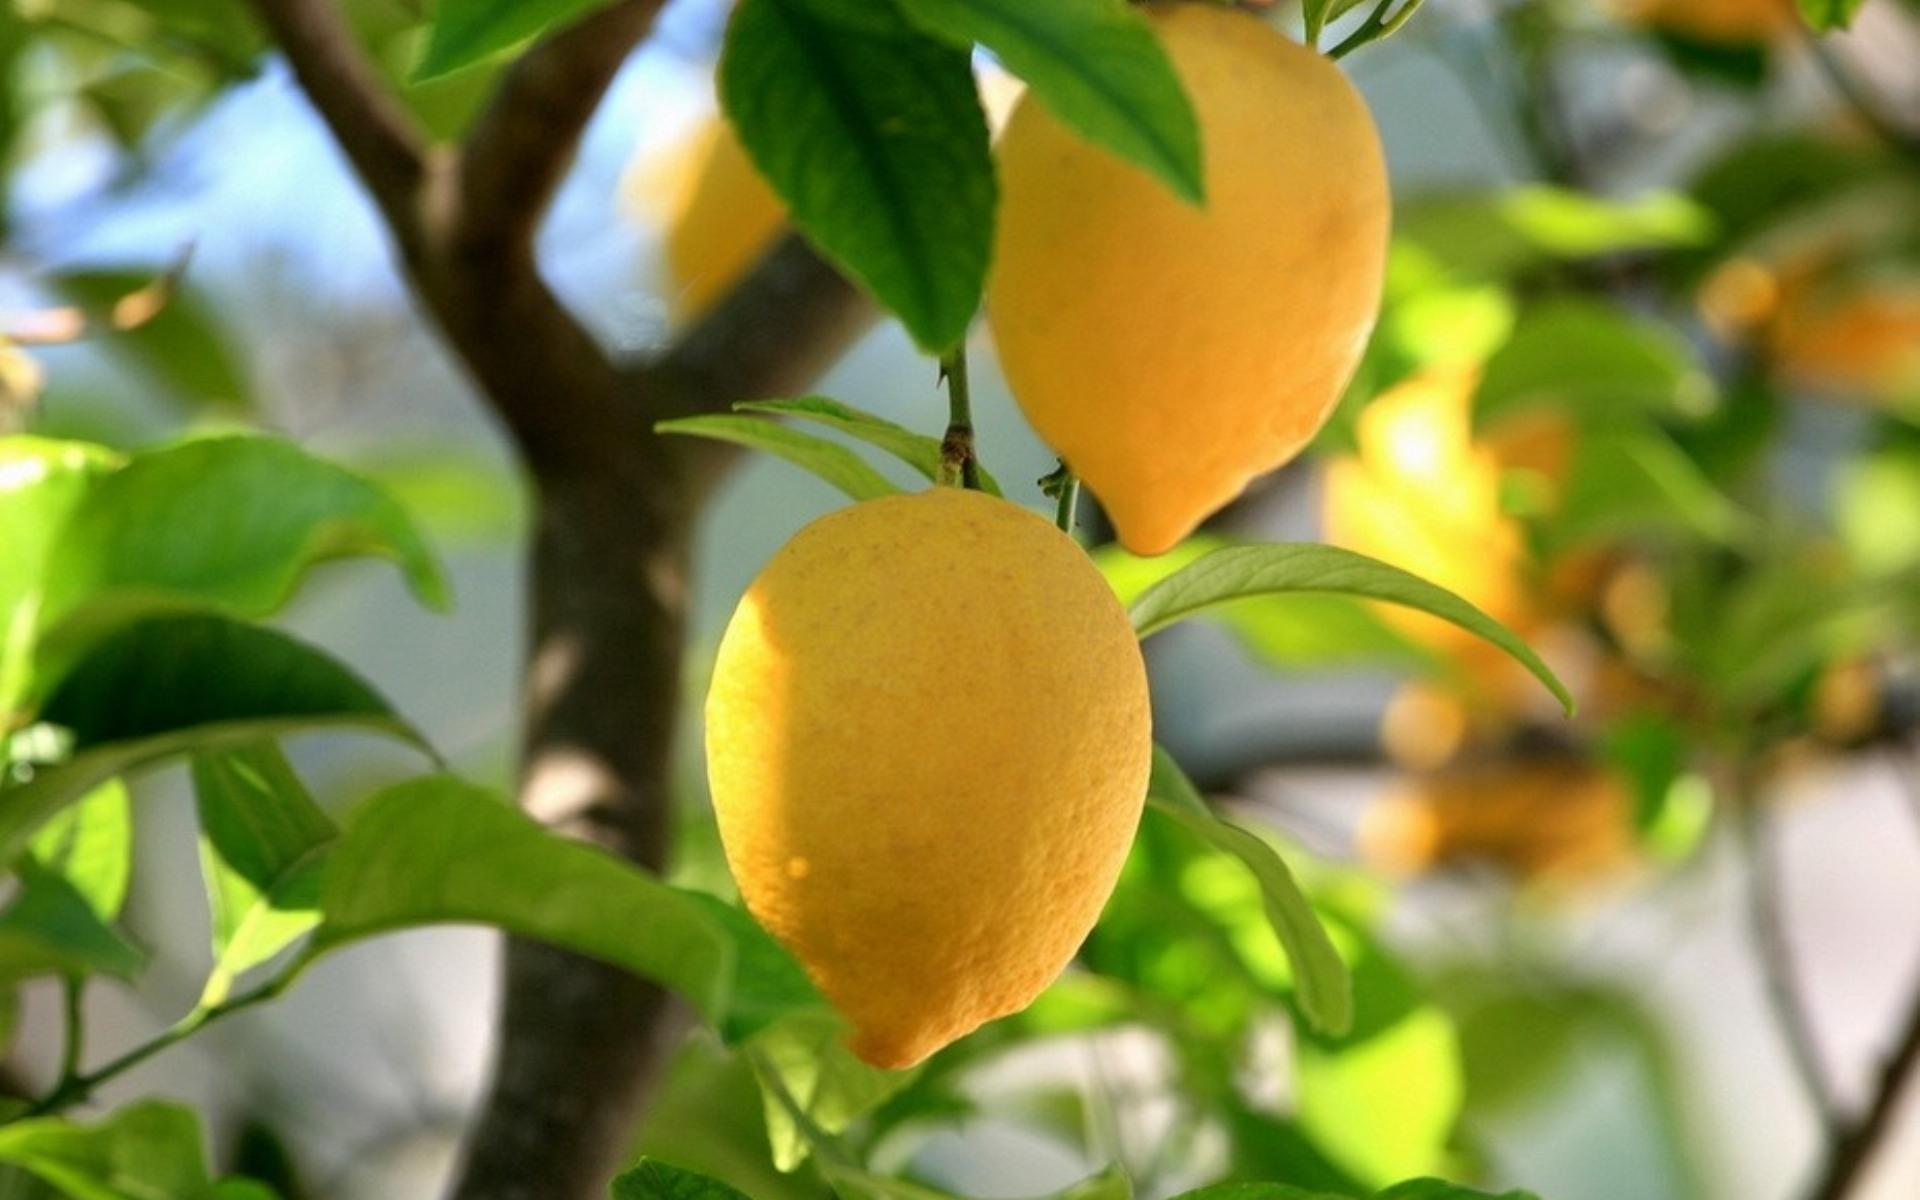 48741 Hintergrundbild herunterladen Pflanzen, Zitronen - Bildschirmschoner und Bilder kostenlos